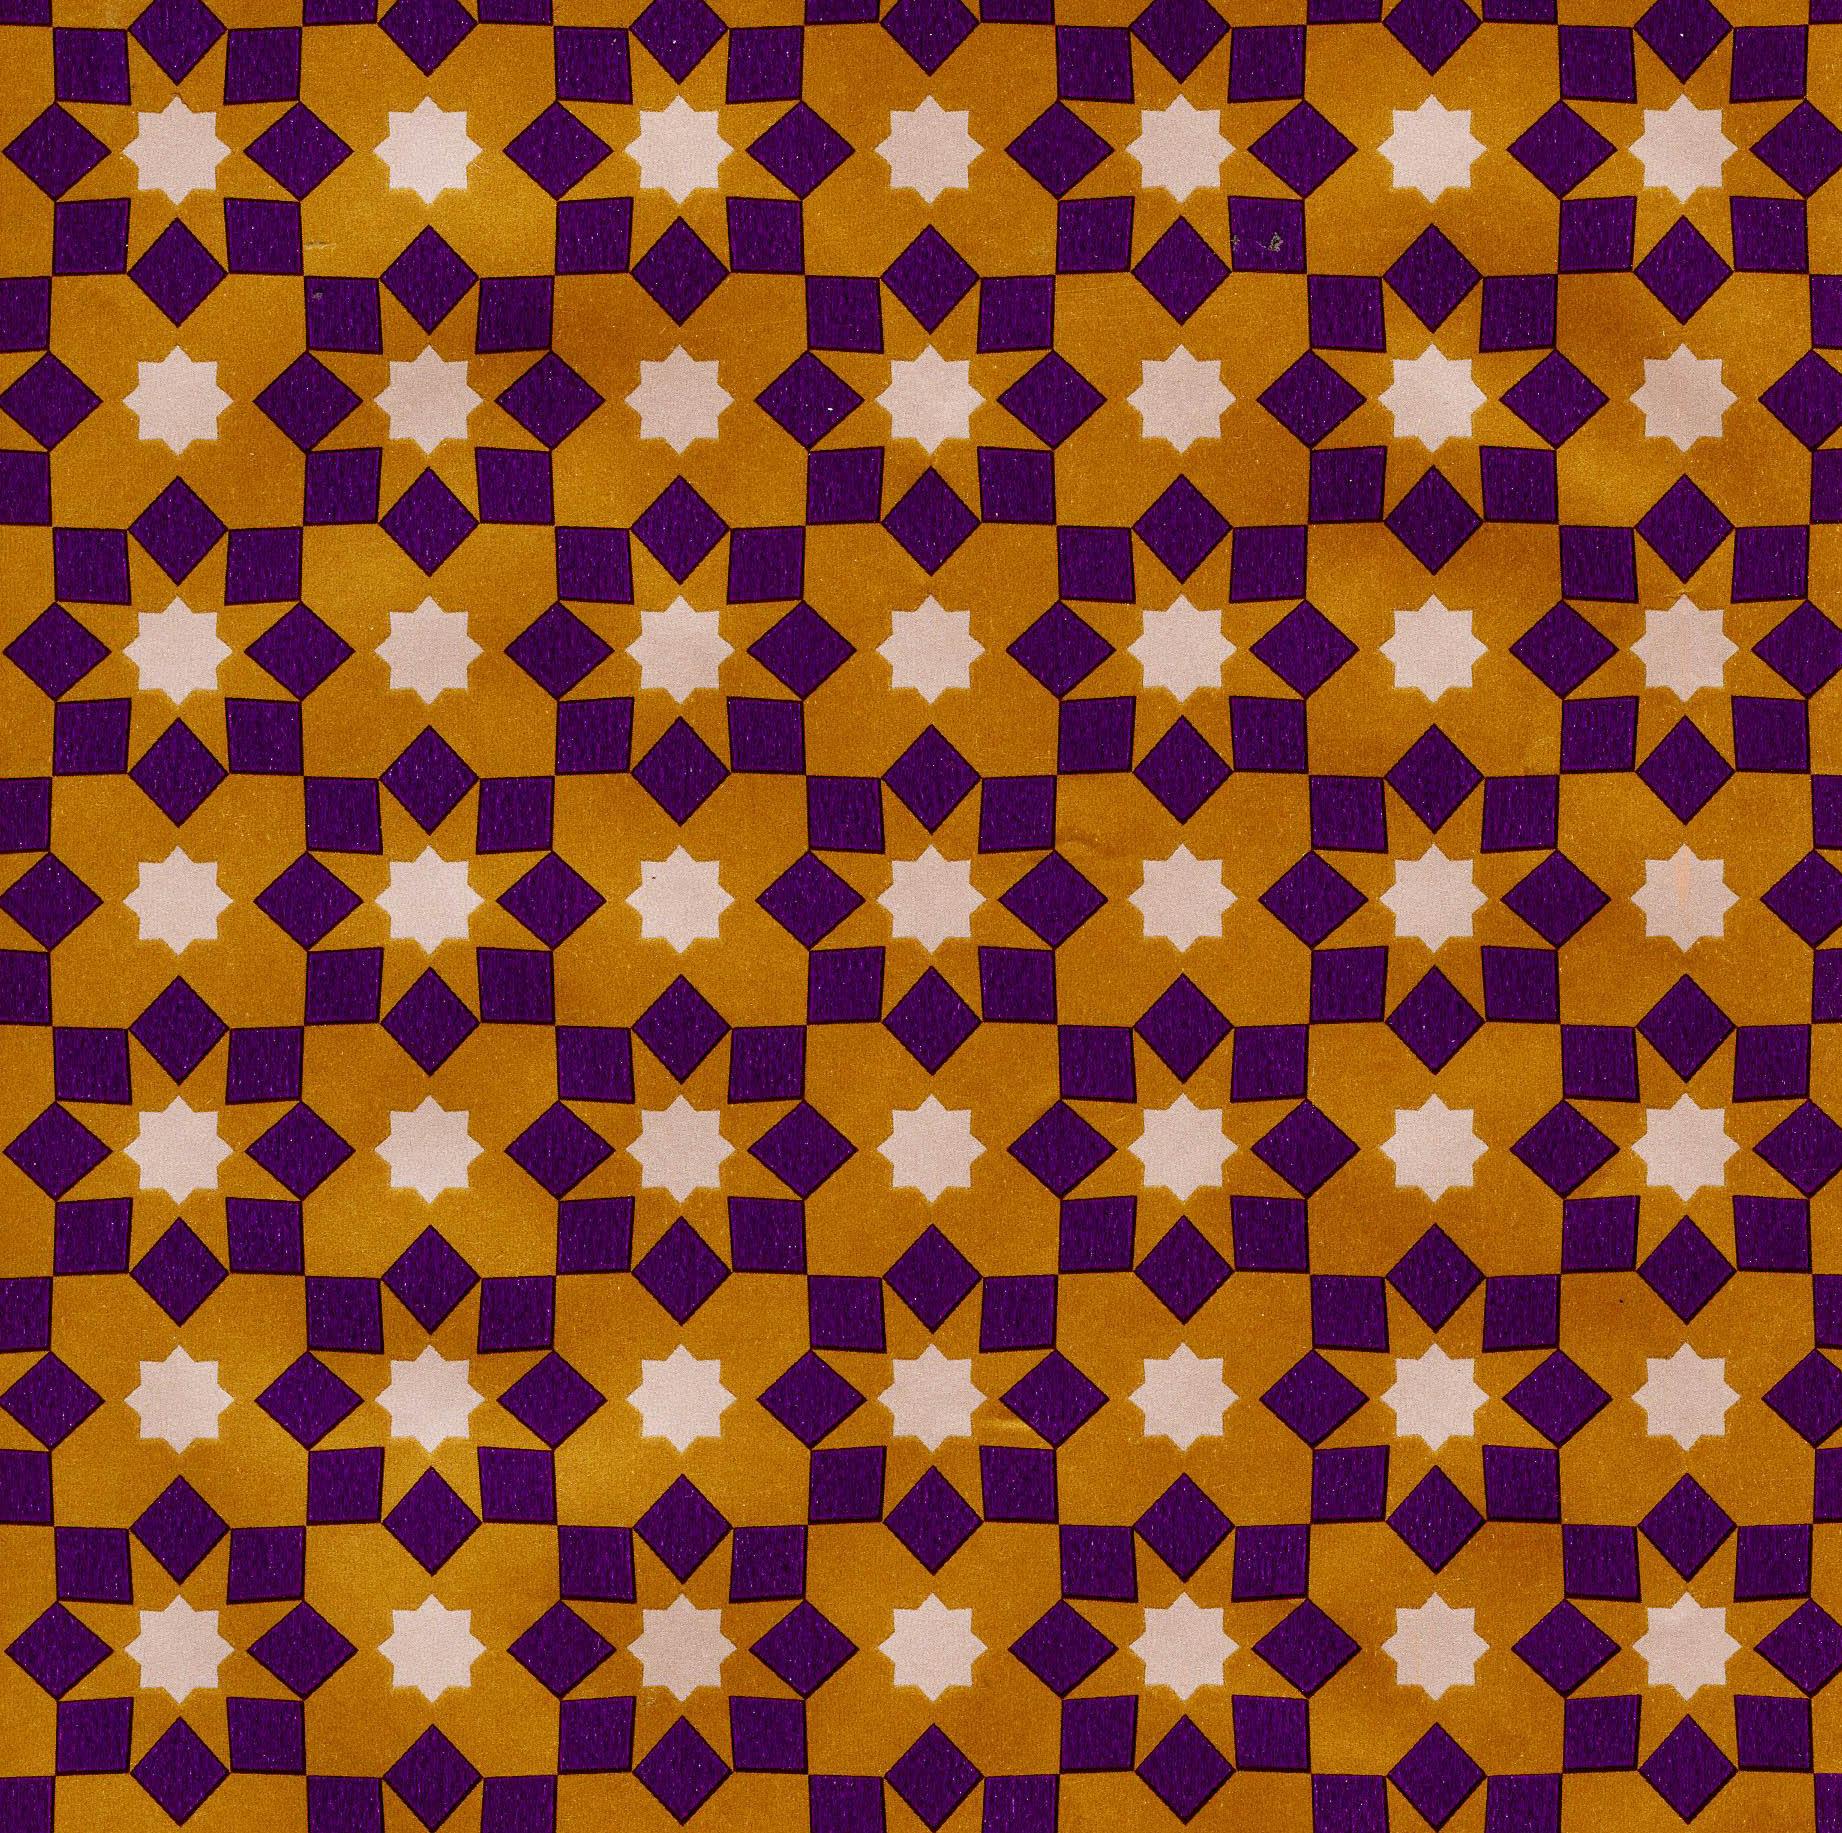 twilight moro tiles wrap025REV.jpg